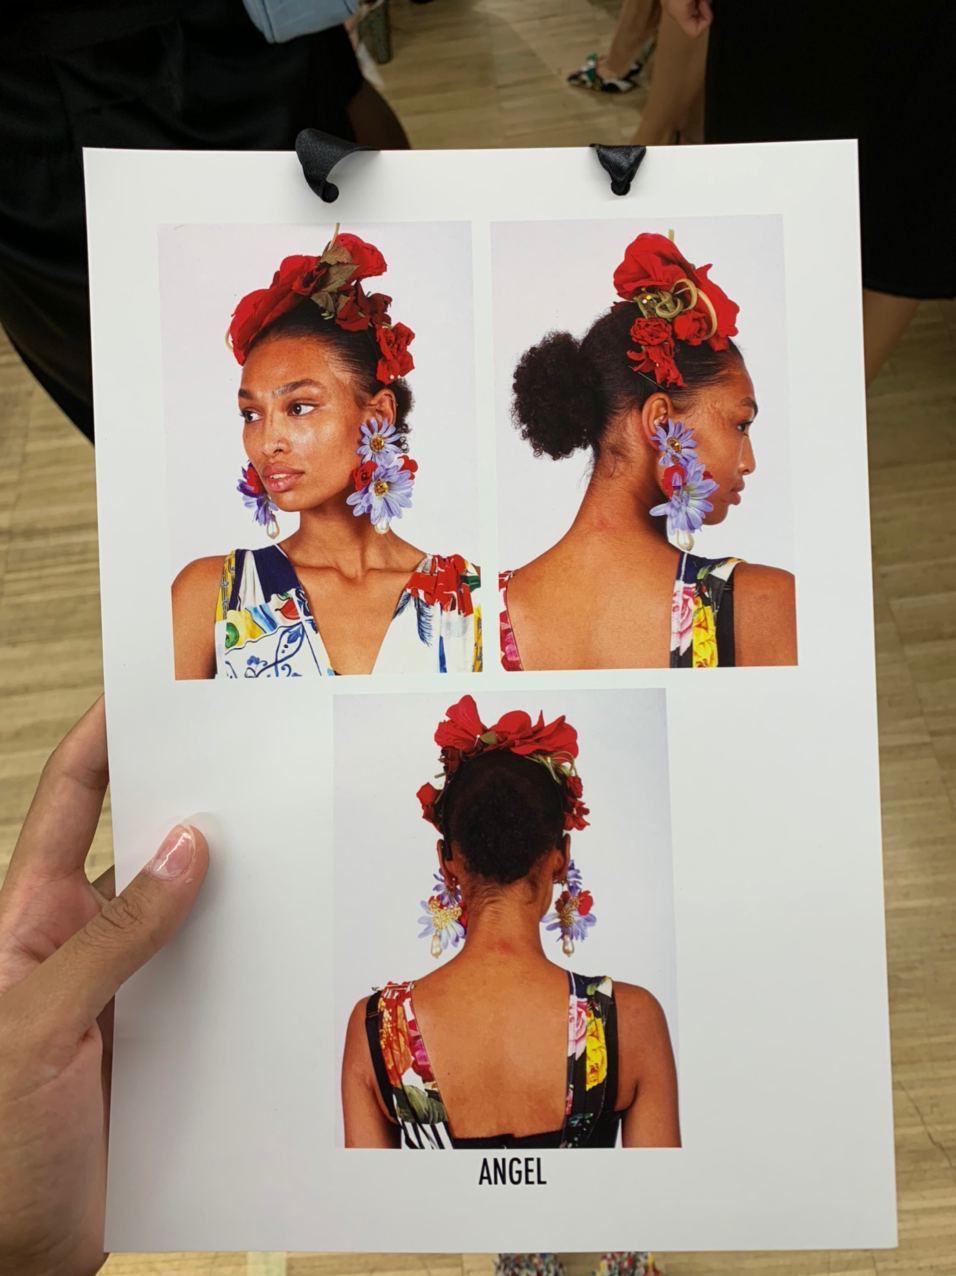 «Утверждают на шоу и платят незначительную сумму»: русская тиктокерша Анжела о том, как стала лицом Dolce & Gabbana